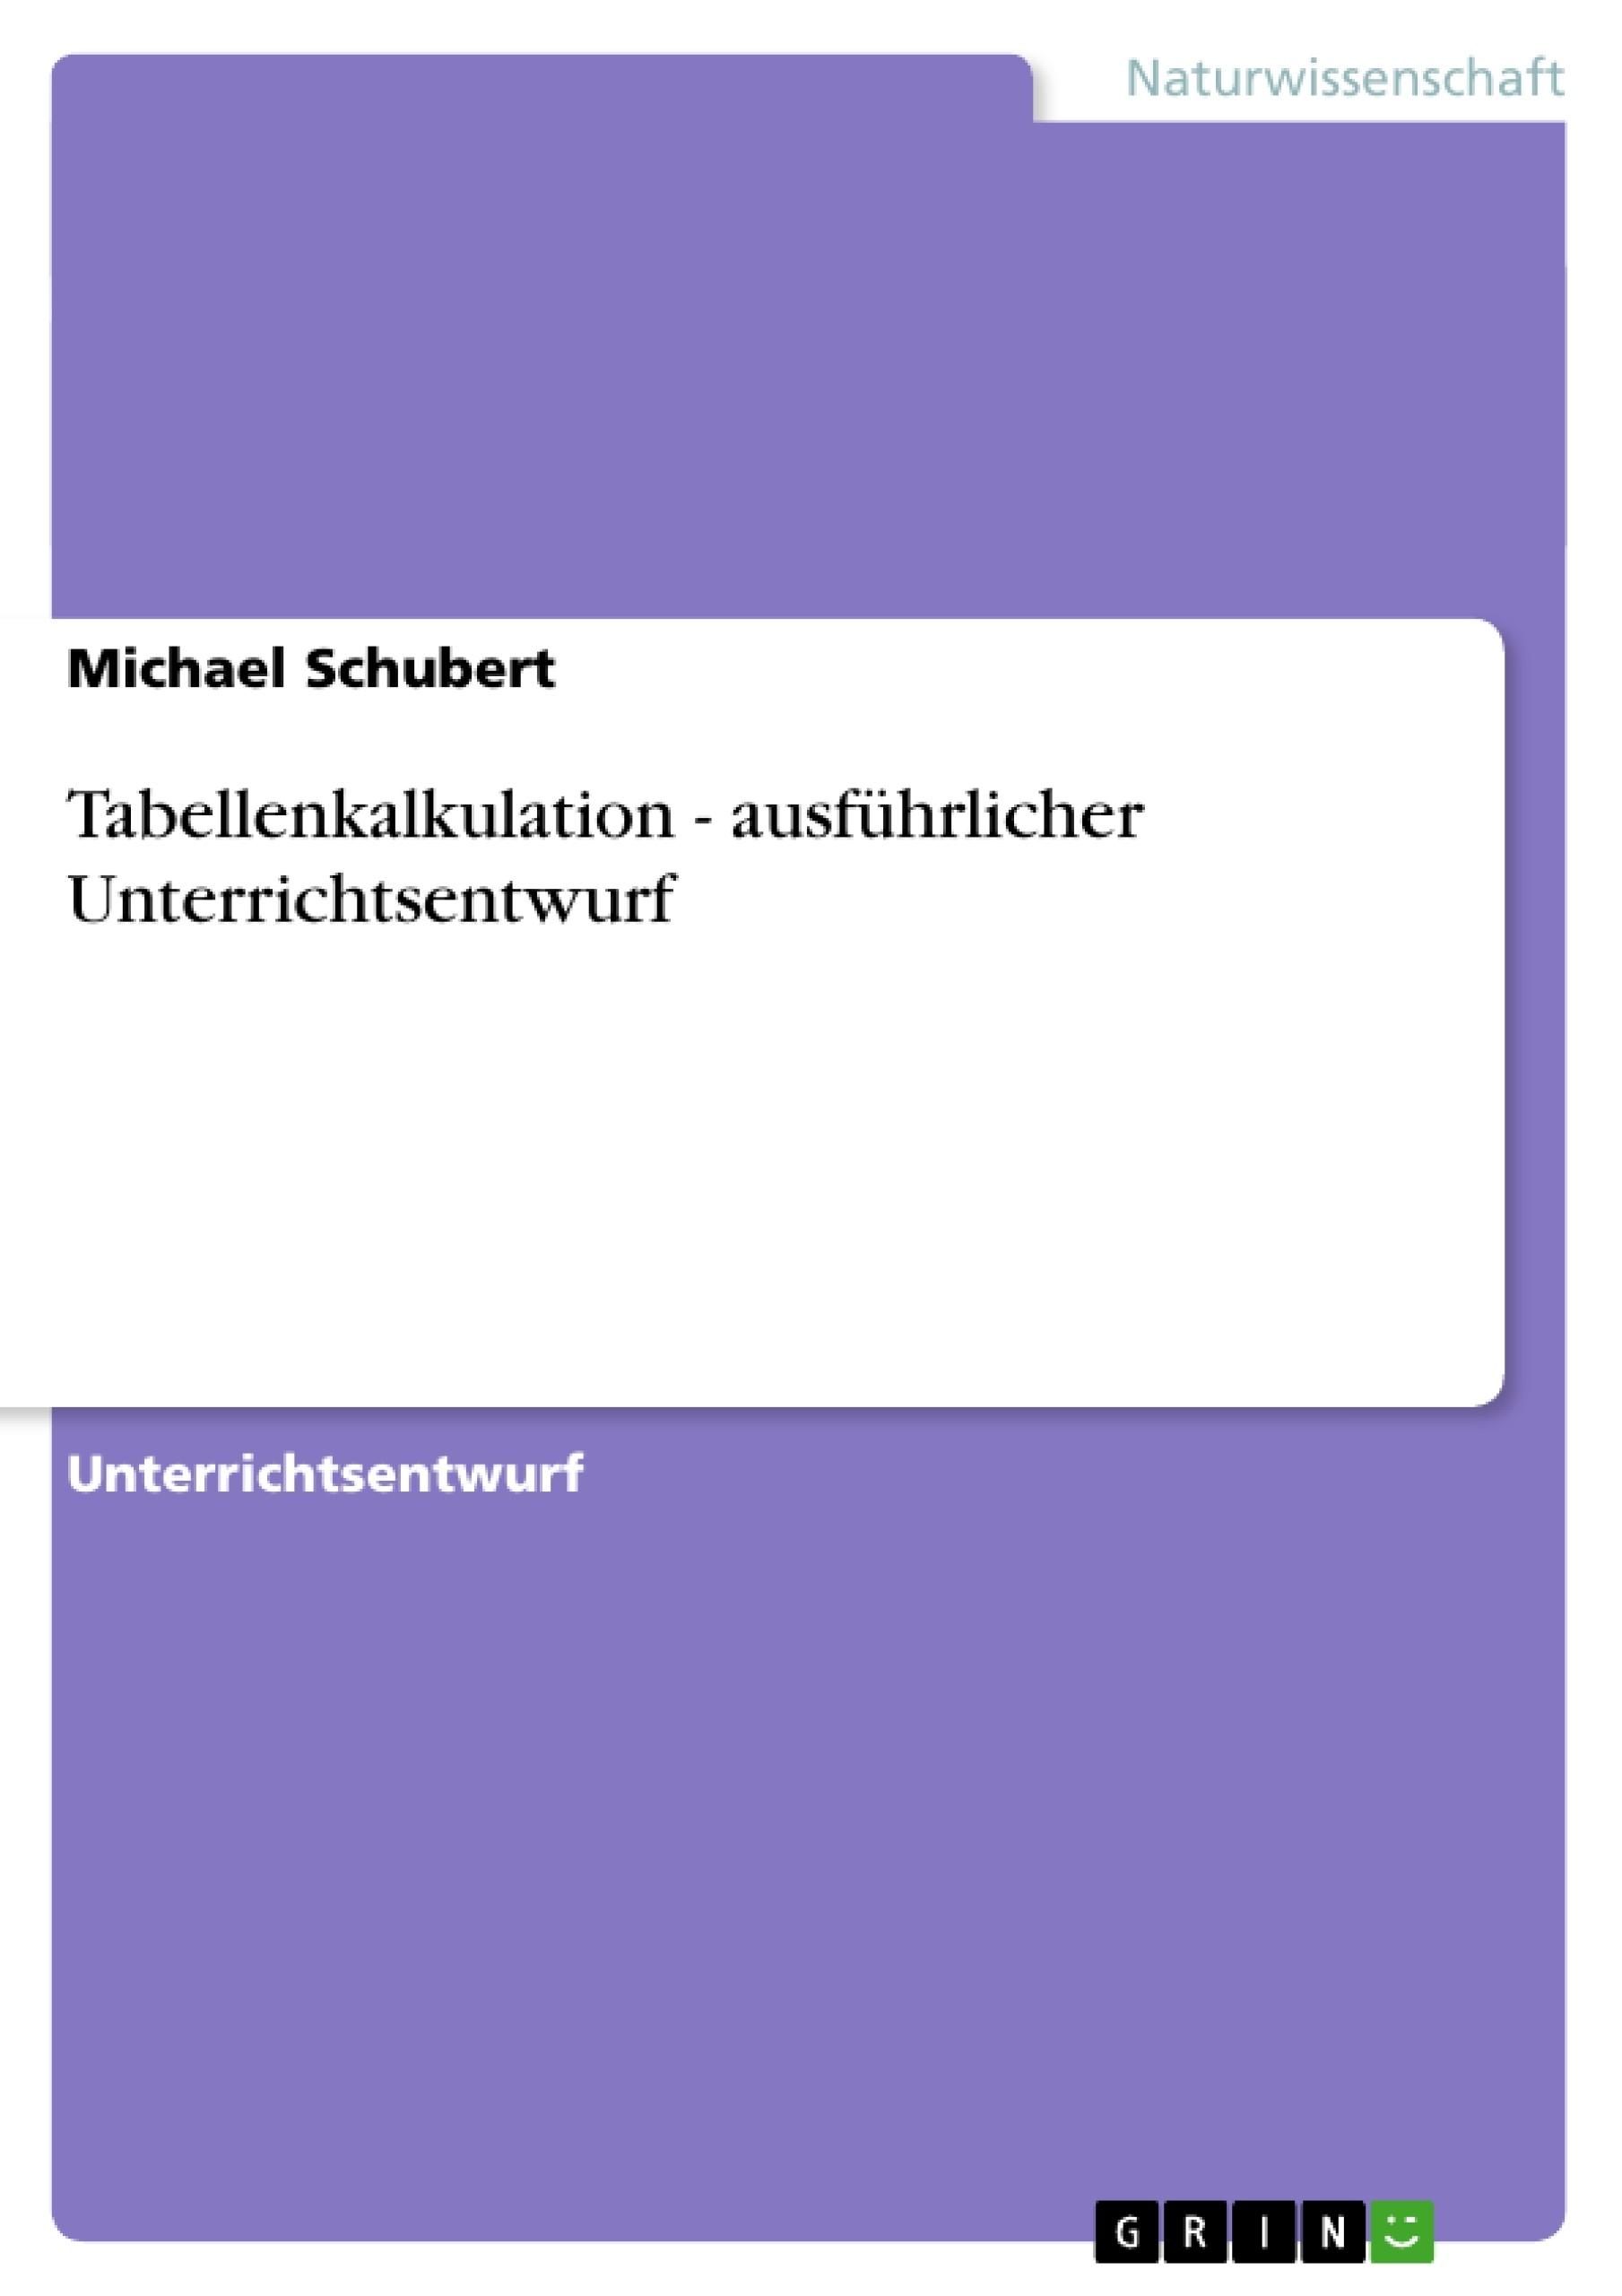 Titel: Tabellenkalkulation - ausführlicher Unterrichtsentwurf